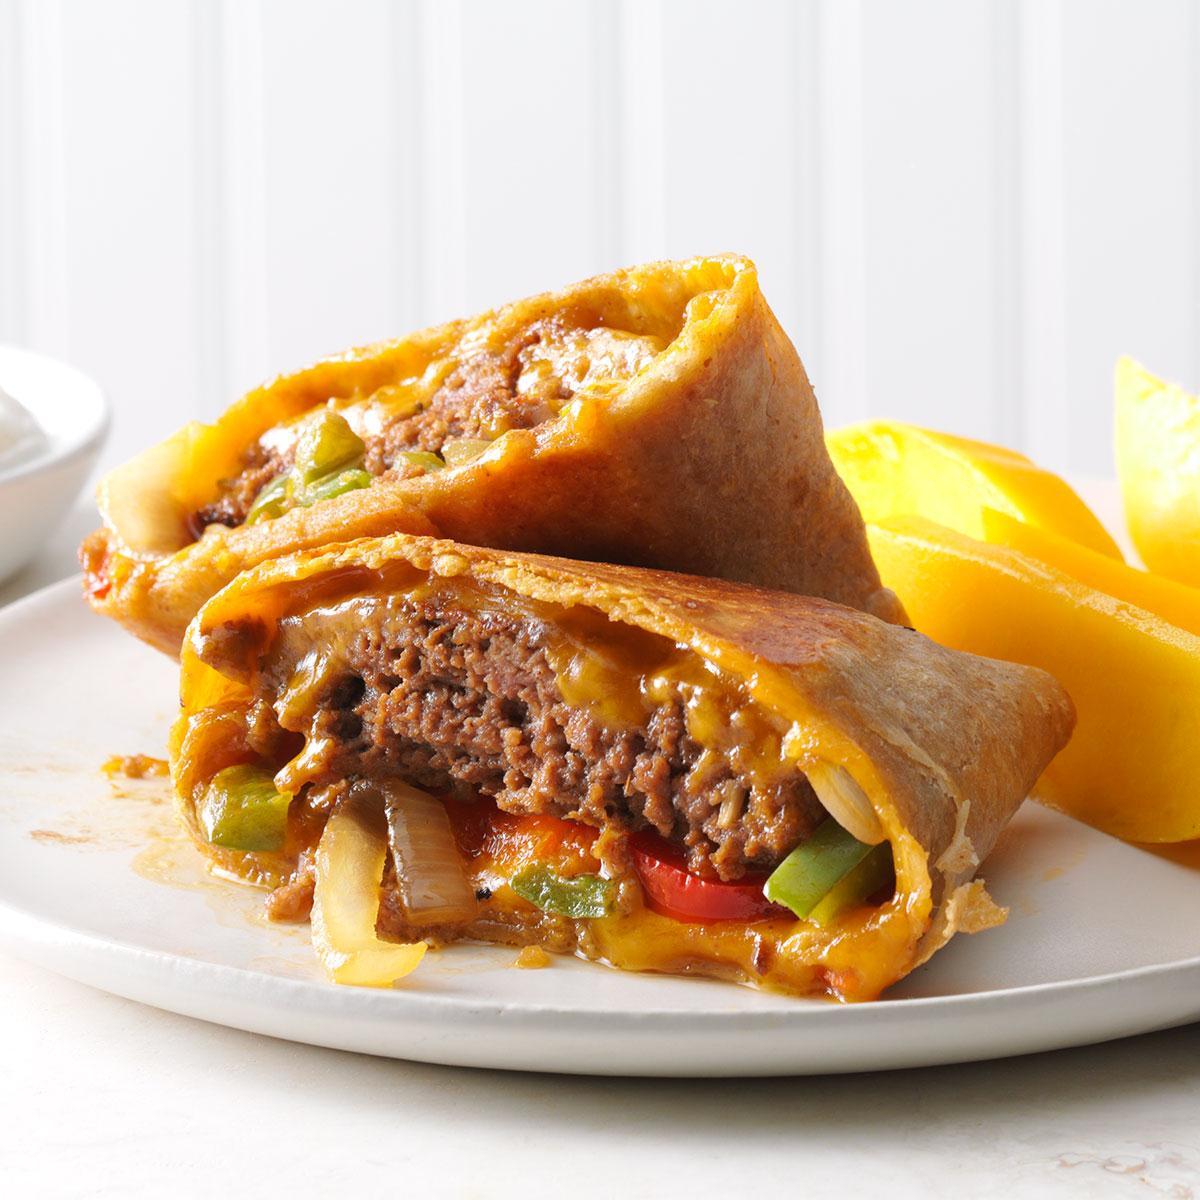 Fajita Burger picture